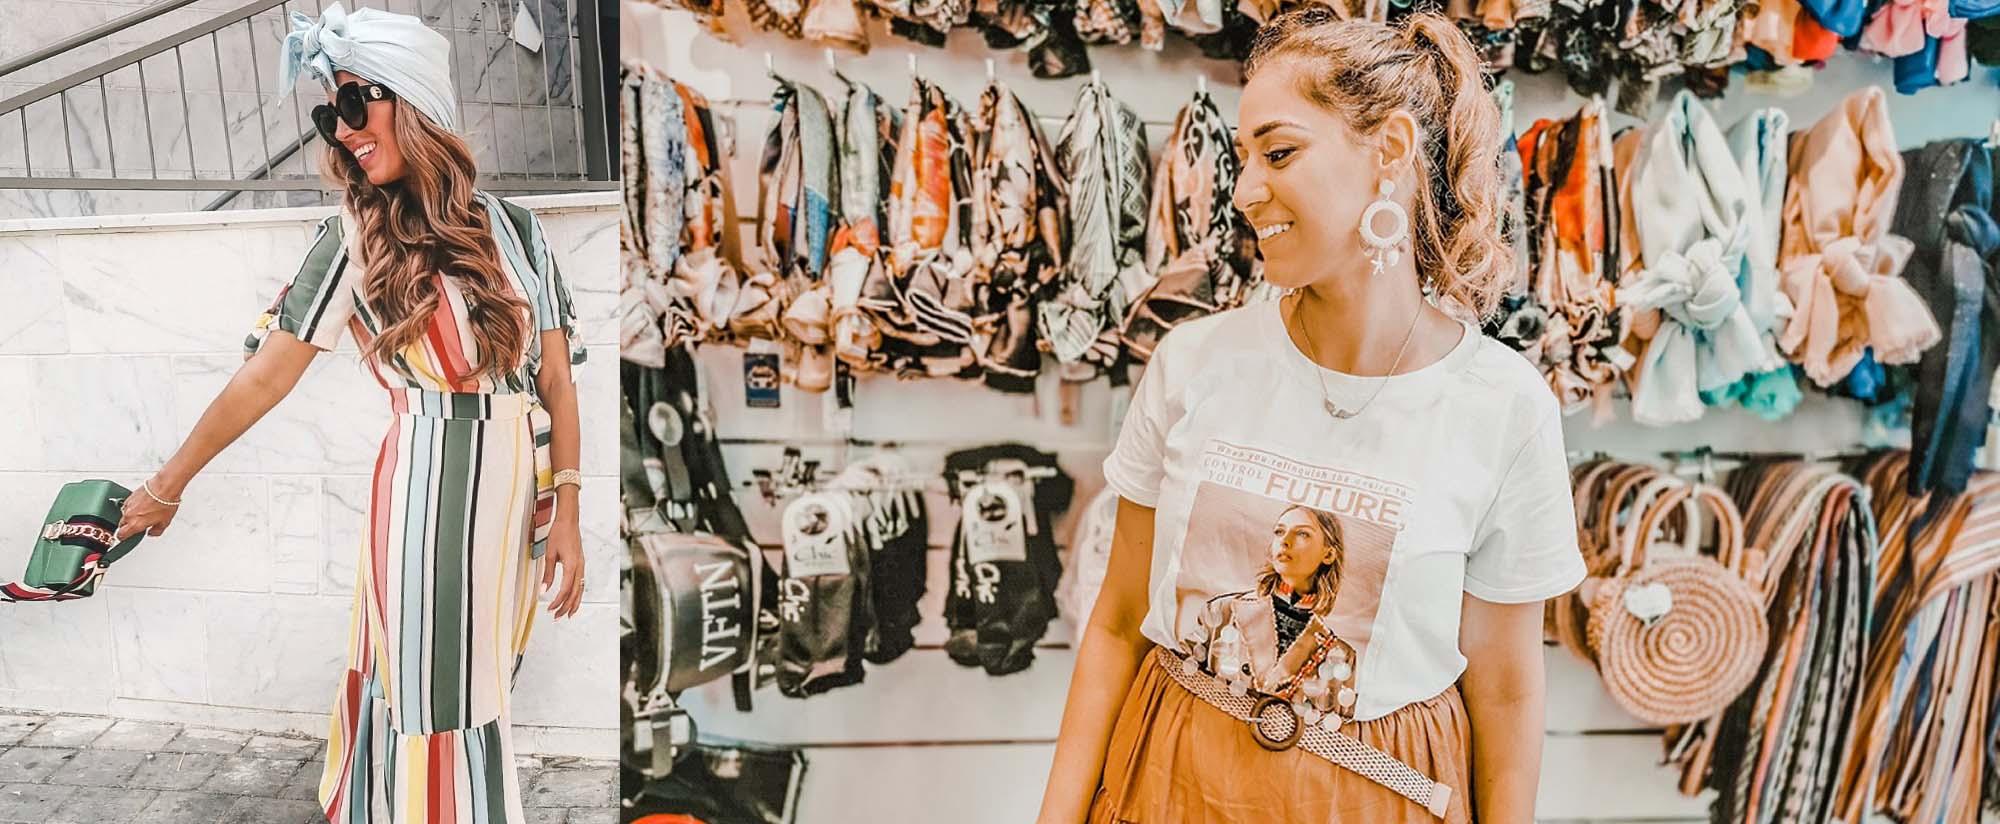 Fashion Israel, אופנה, סי סטייל, חדשות אופנה, כתבות אופנה, טרנדים, מגזין אופנה -